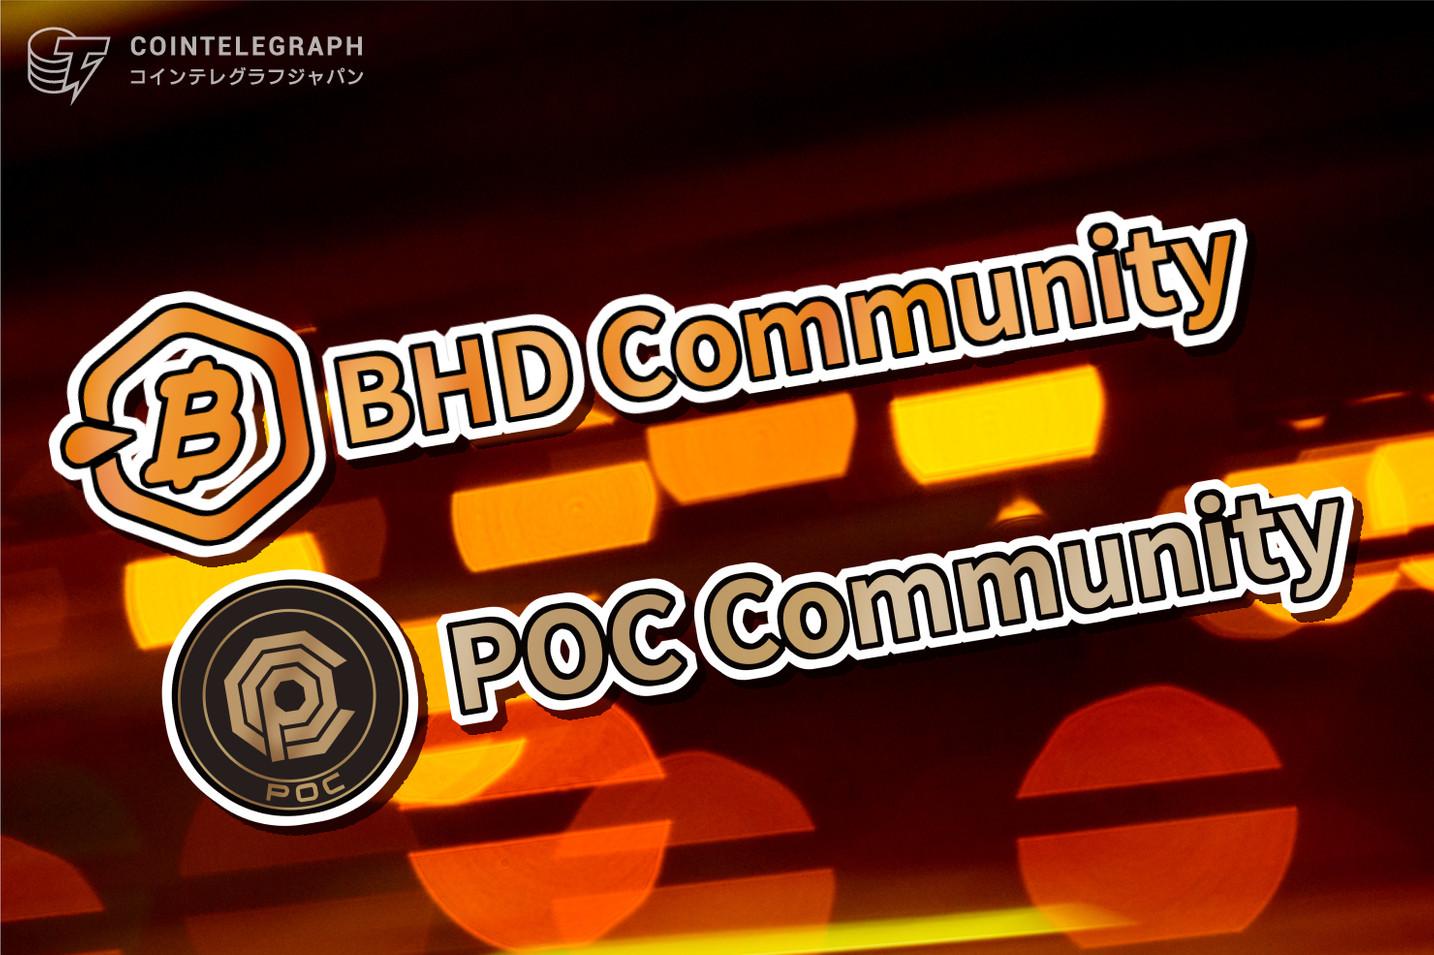 第1回POCコンセンサスコンファレンス・POC Community創立式典が大盛況のうちに閉幕!